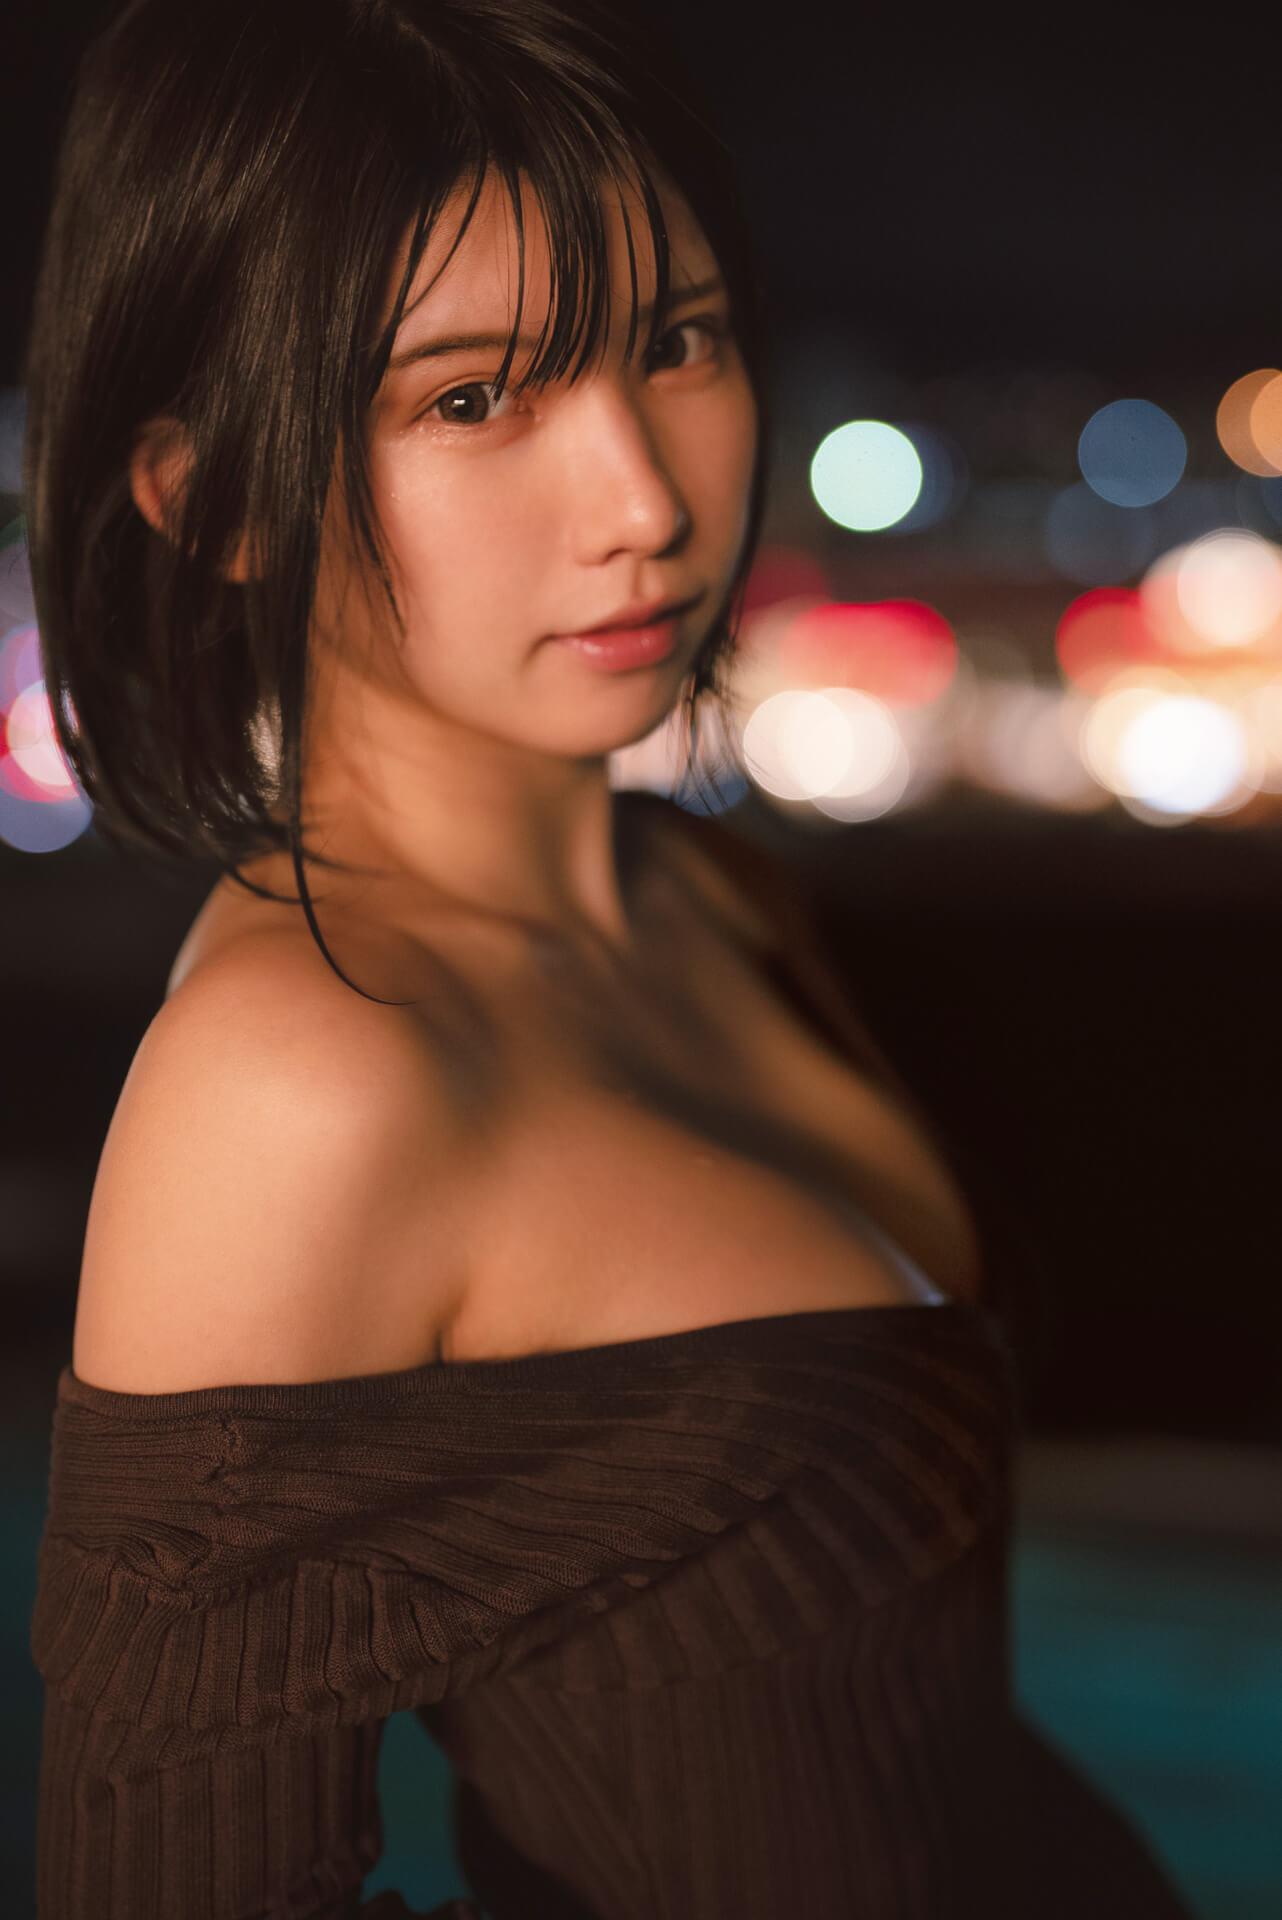 えなこのセクシーアザーカットが特典に!コスプレなしの写真集『OFF COSTUME』のポストカードが解禁 art210917_enako_3